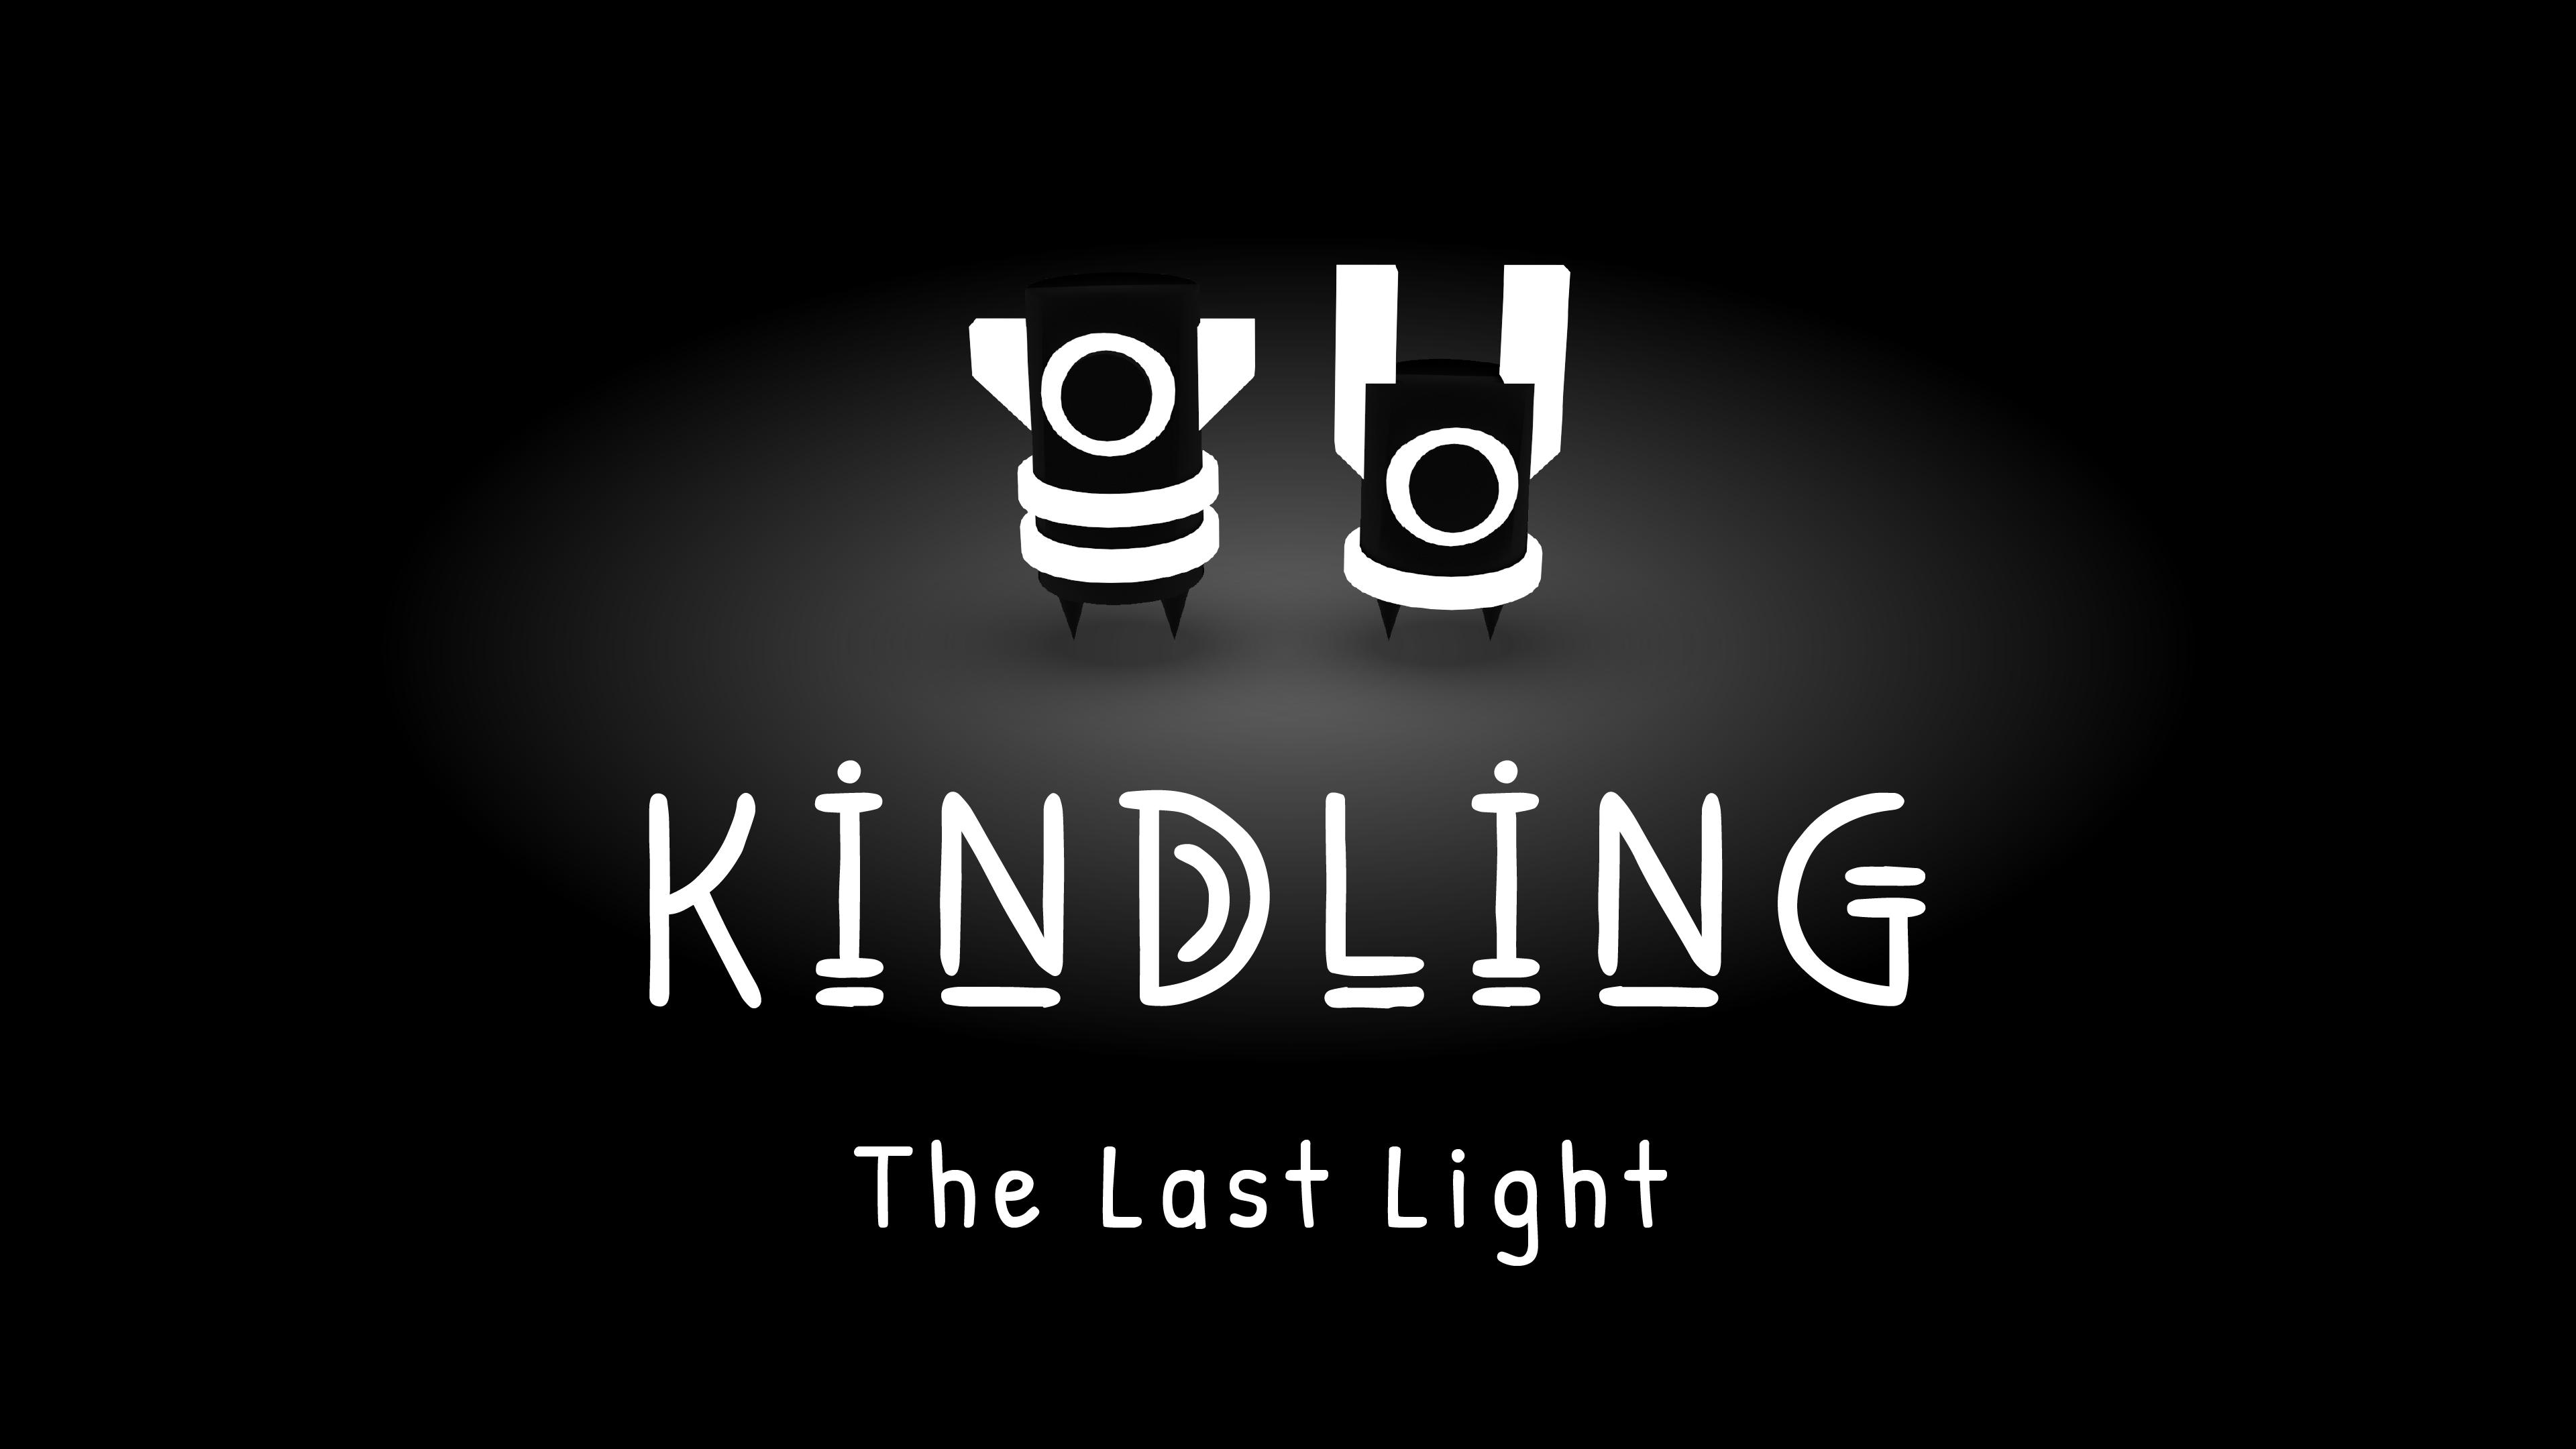 Kindling: The Last Light